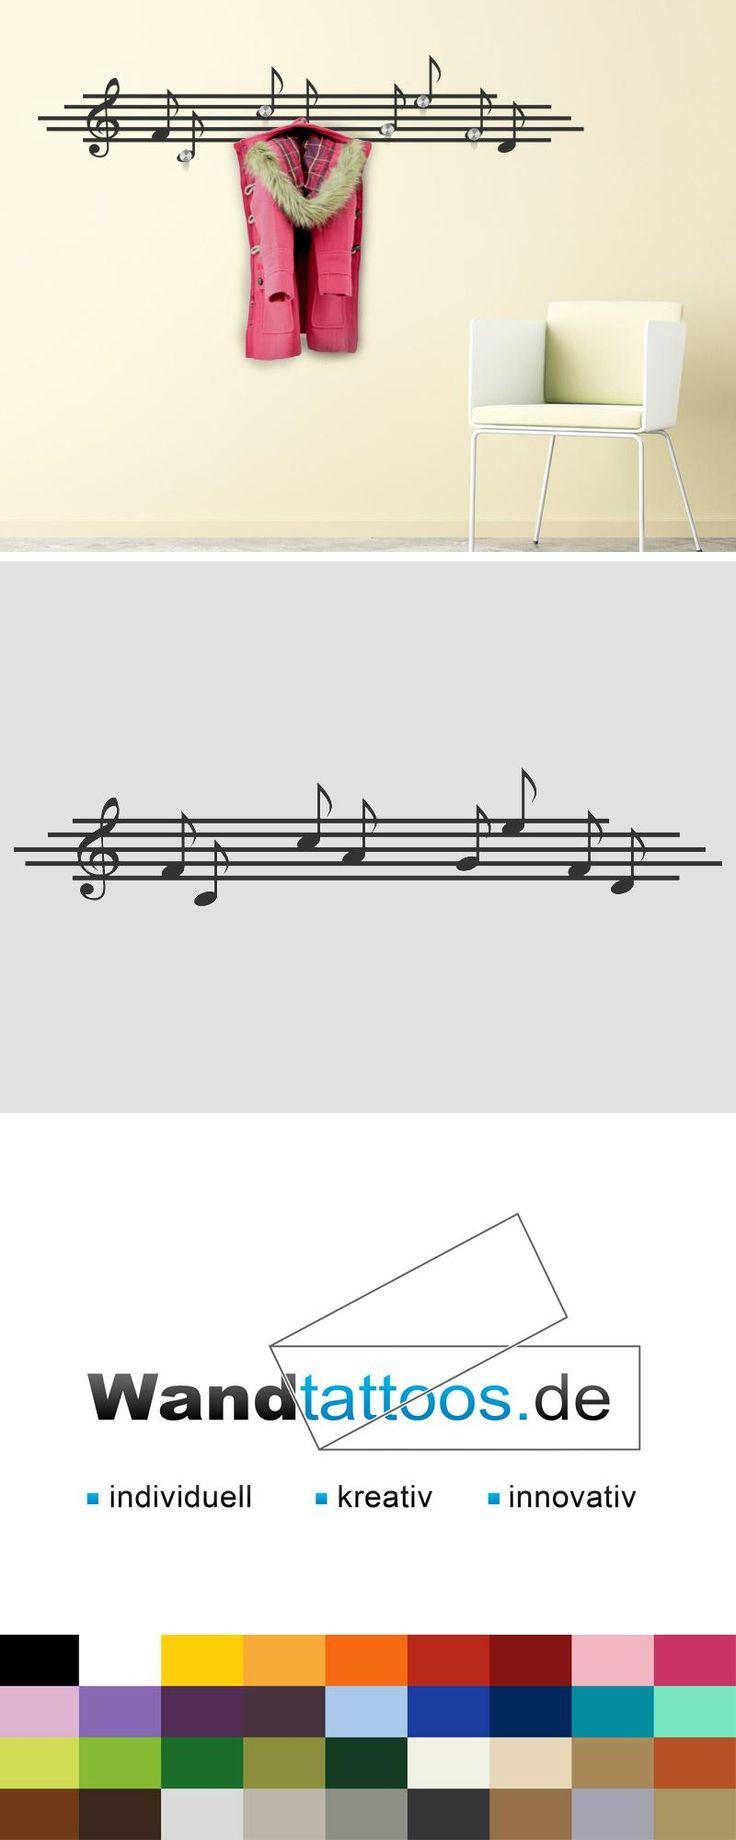 Wandtattoo Garderobe Musik Noten als Idee zur individuellen Wandgestaltung. Einfach Lieblingsfarbe und Größe auswählen. Weitere kreative Anregungen von Wandtattoos.de hier entdecken!